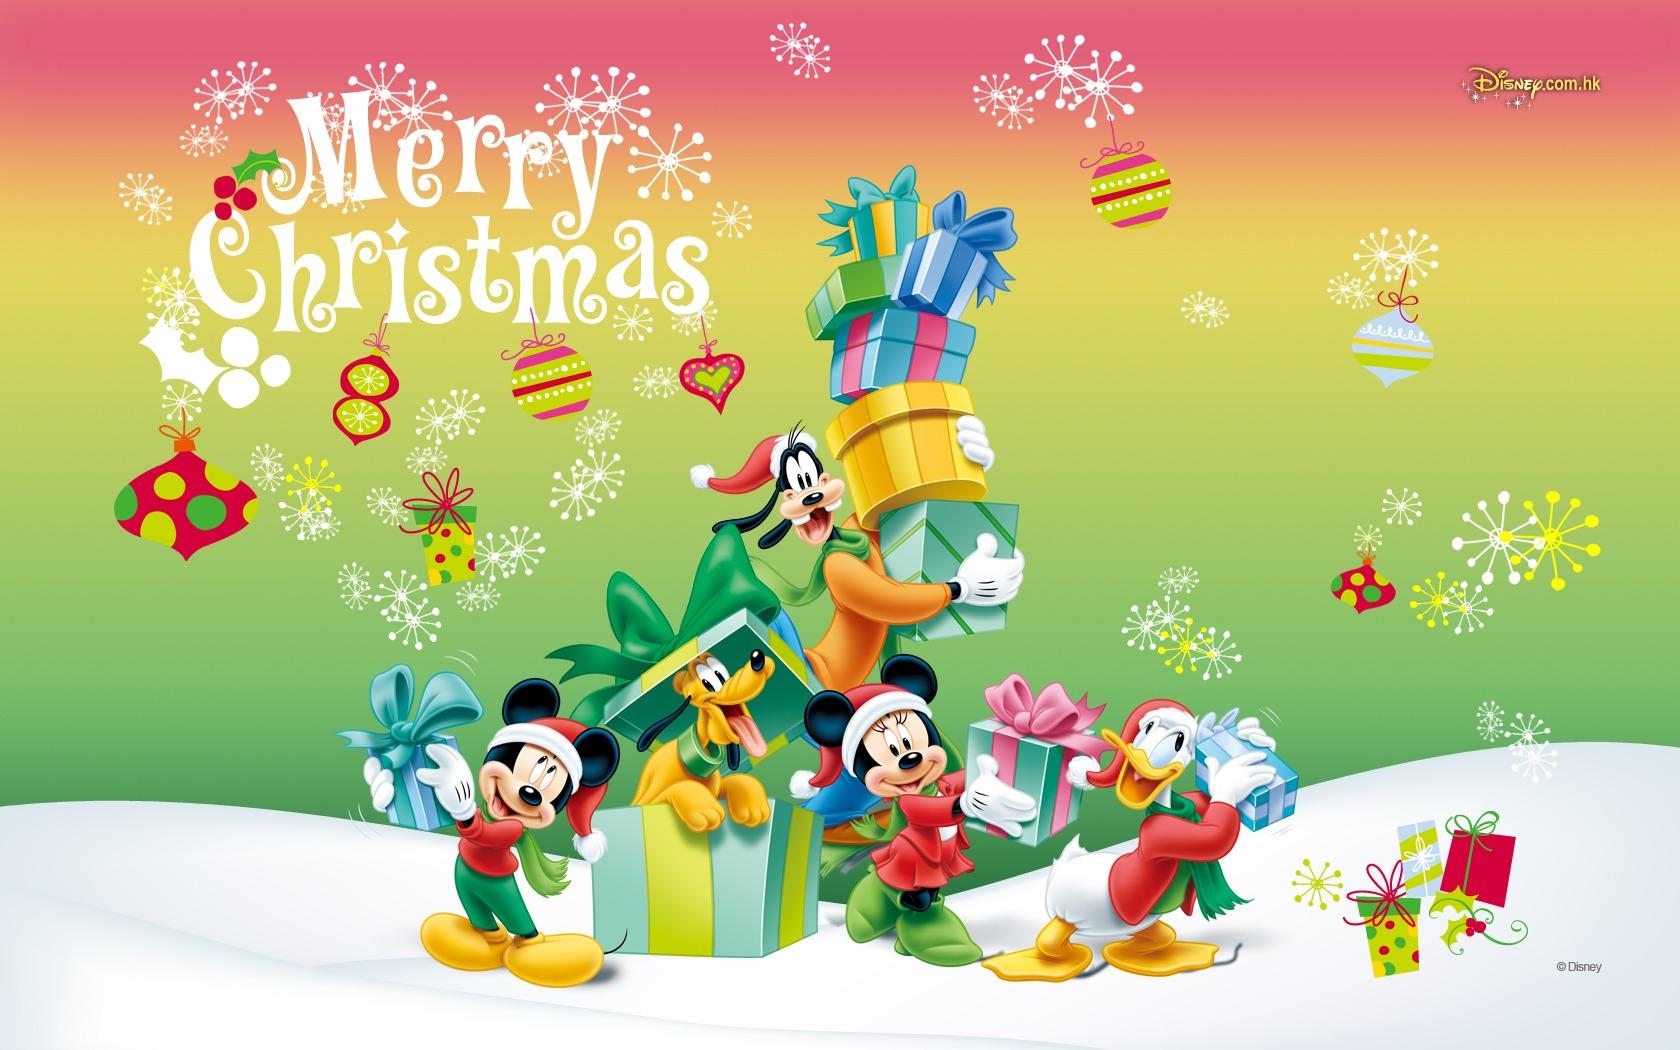 Mouse Hd Wallpaper Christmas Children 10371 Wallpaper Wallpaper hd 1680x1050